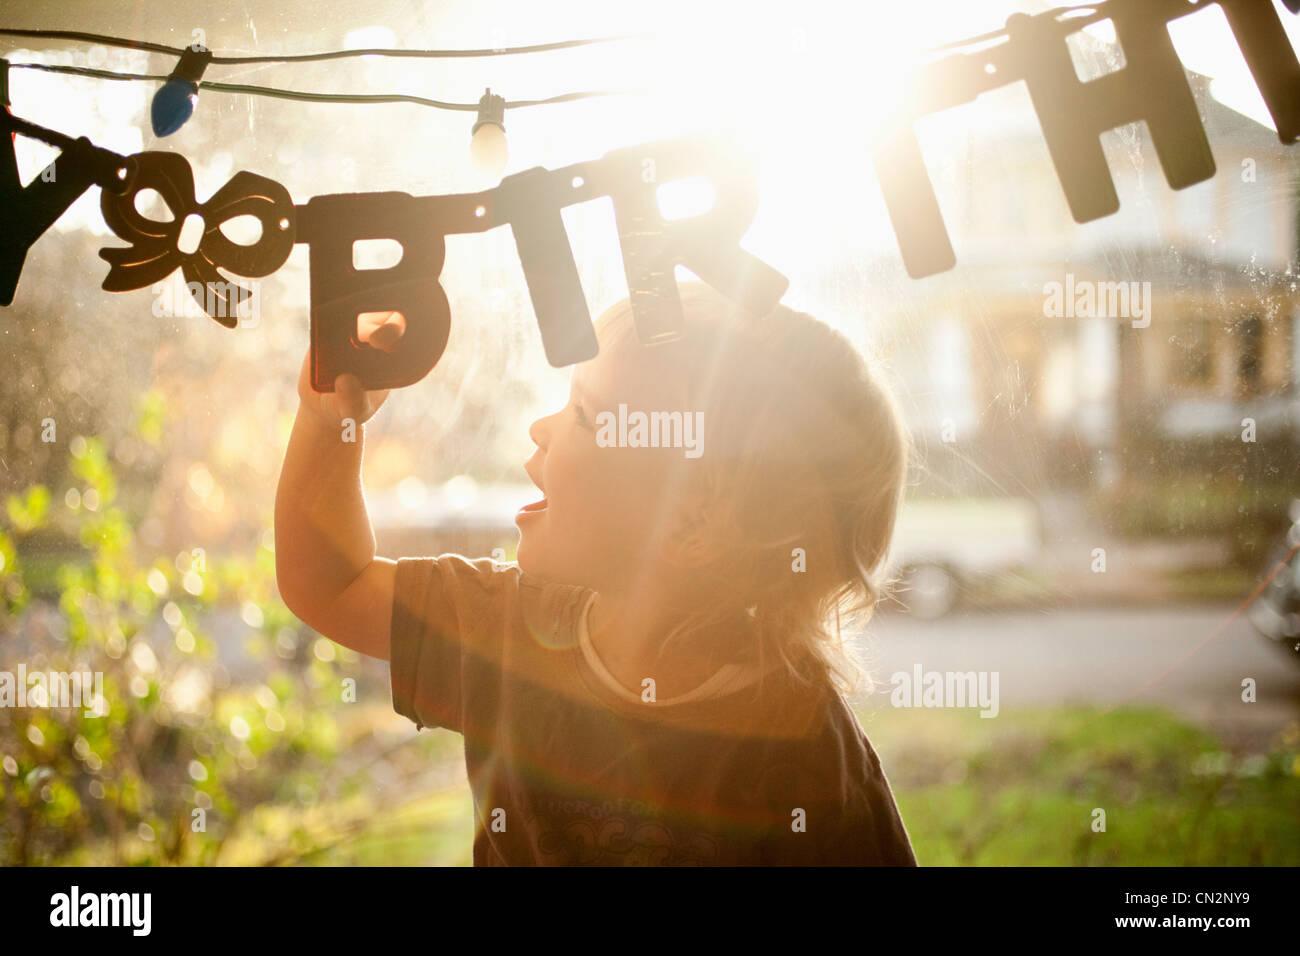 Jeune garçon toucher bannière anniversaire Photo Stock